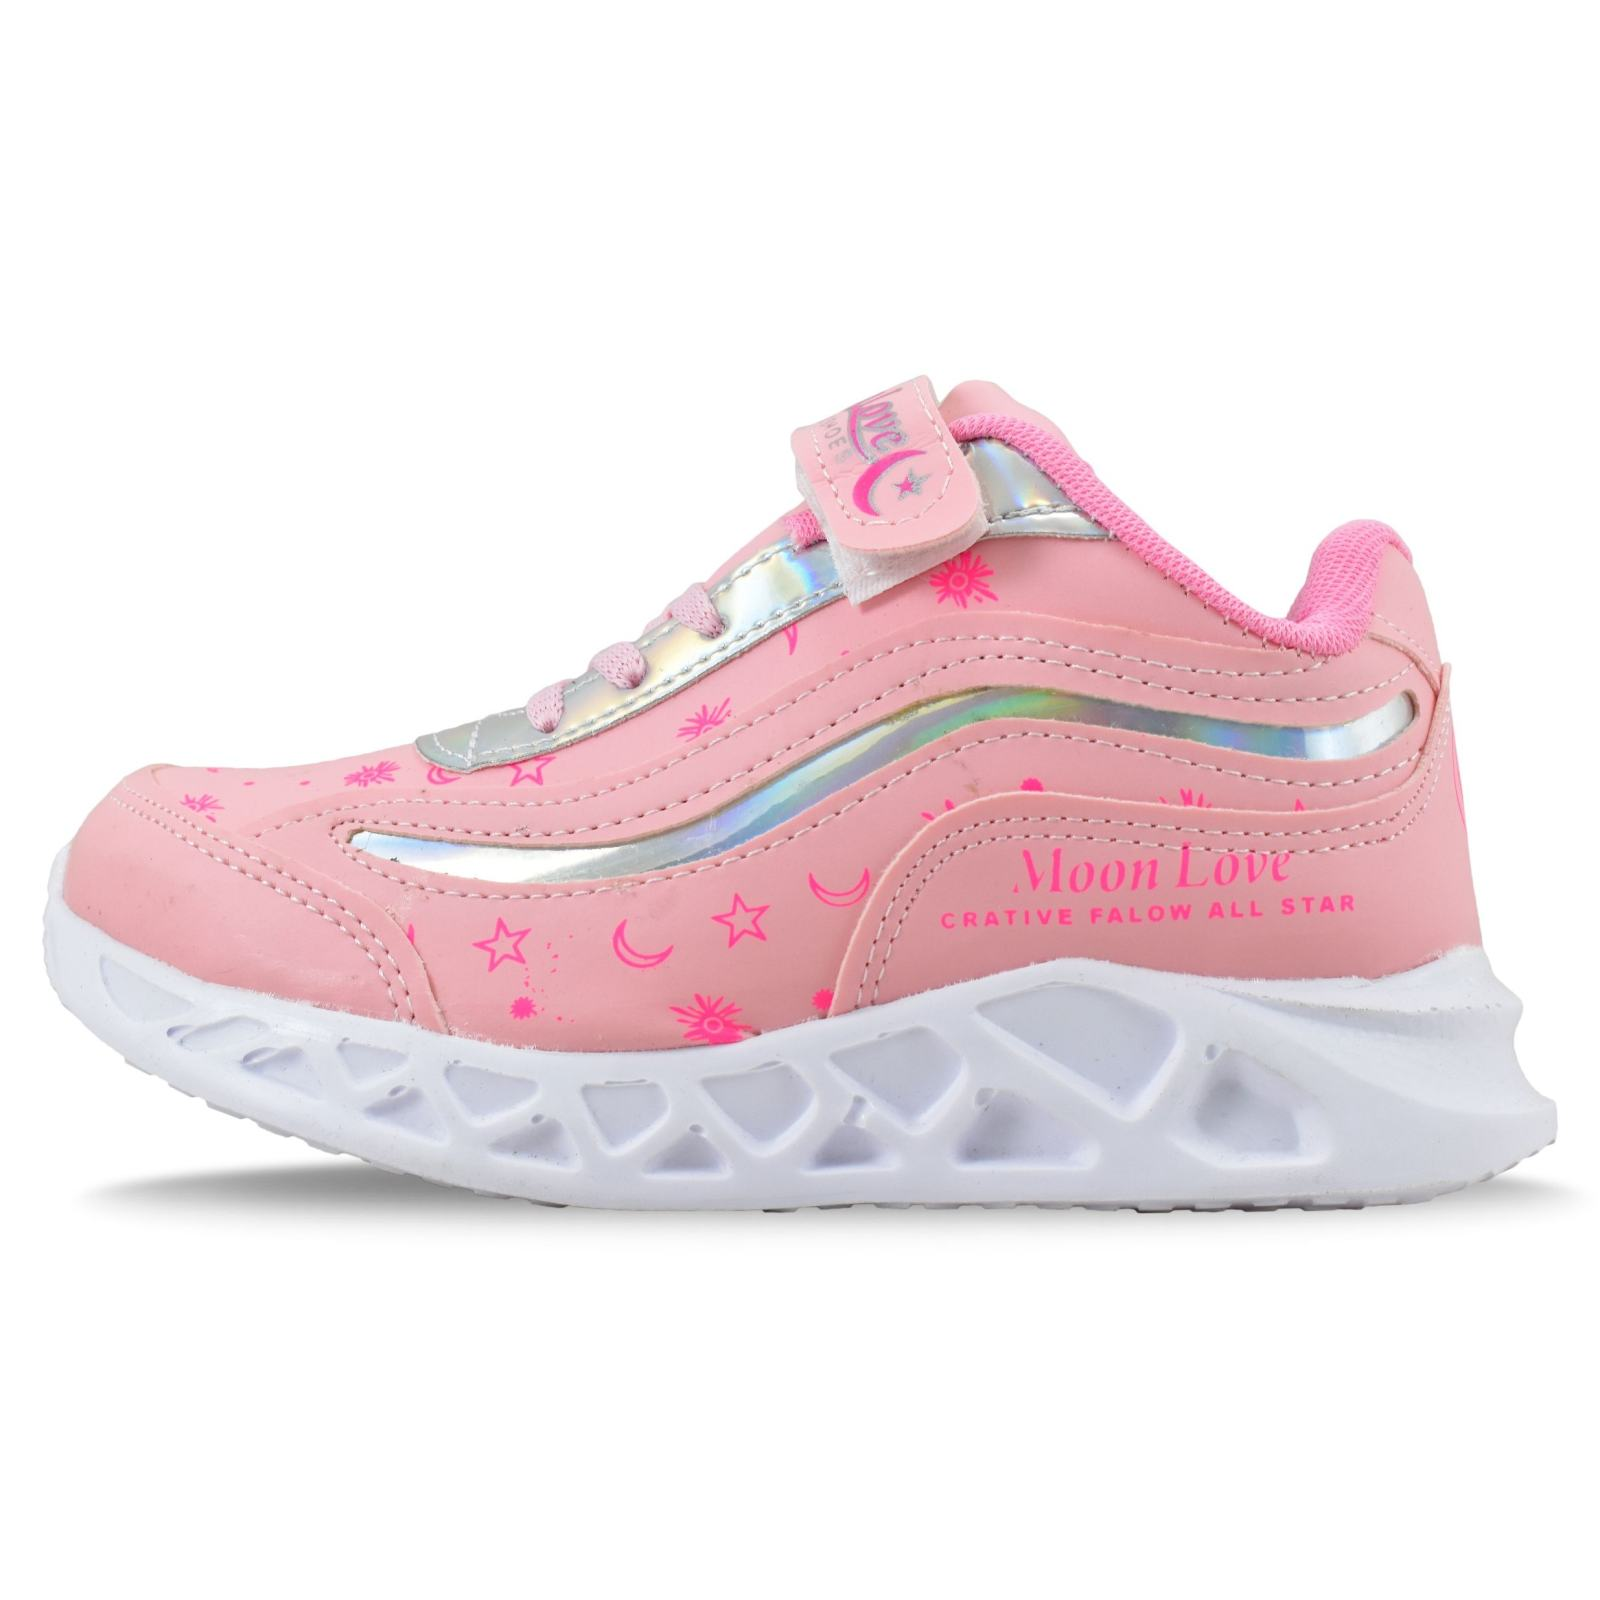 کفش راحتی دخترانه پاتریس مدل ستاره کد 4583 main 1 1